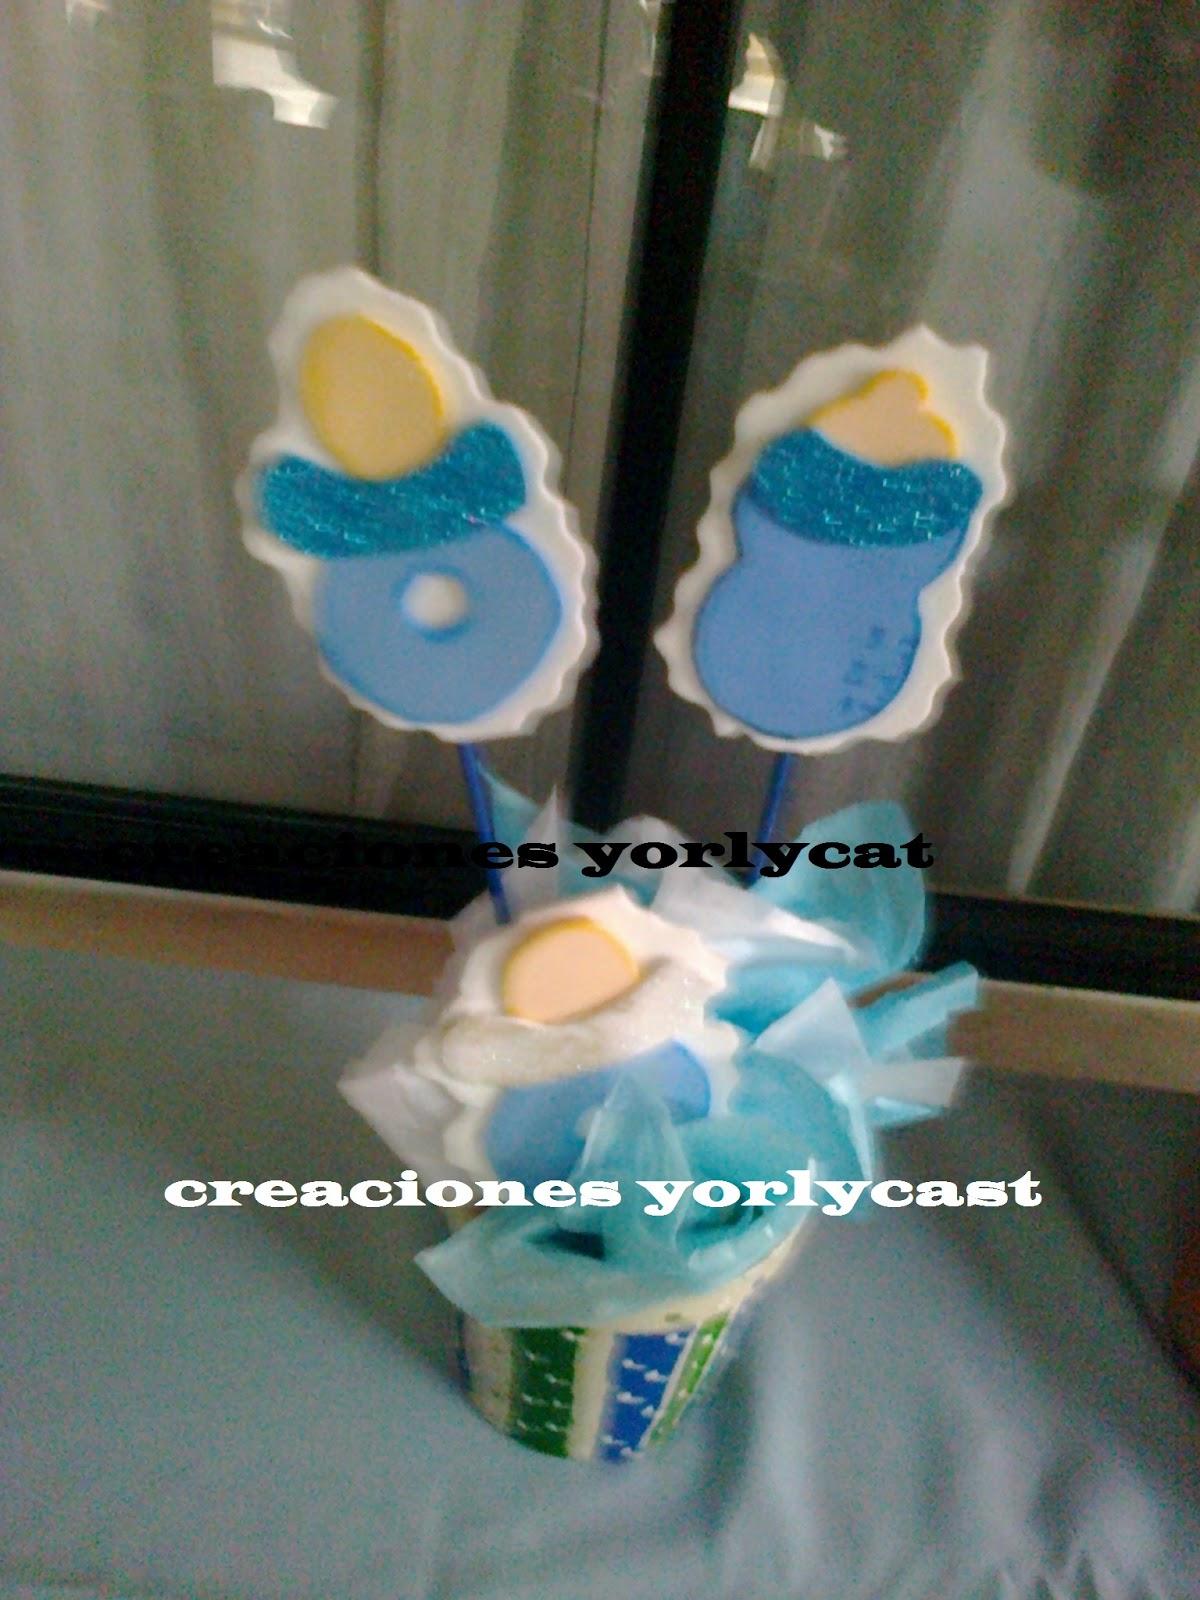 Creaciones yorlycast centro de mesas para baby shower - Adornos baby shower nino ...